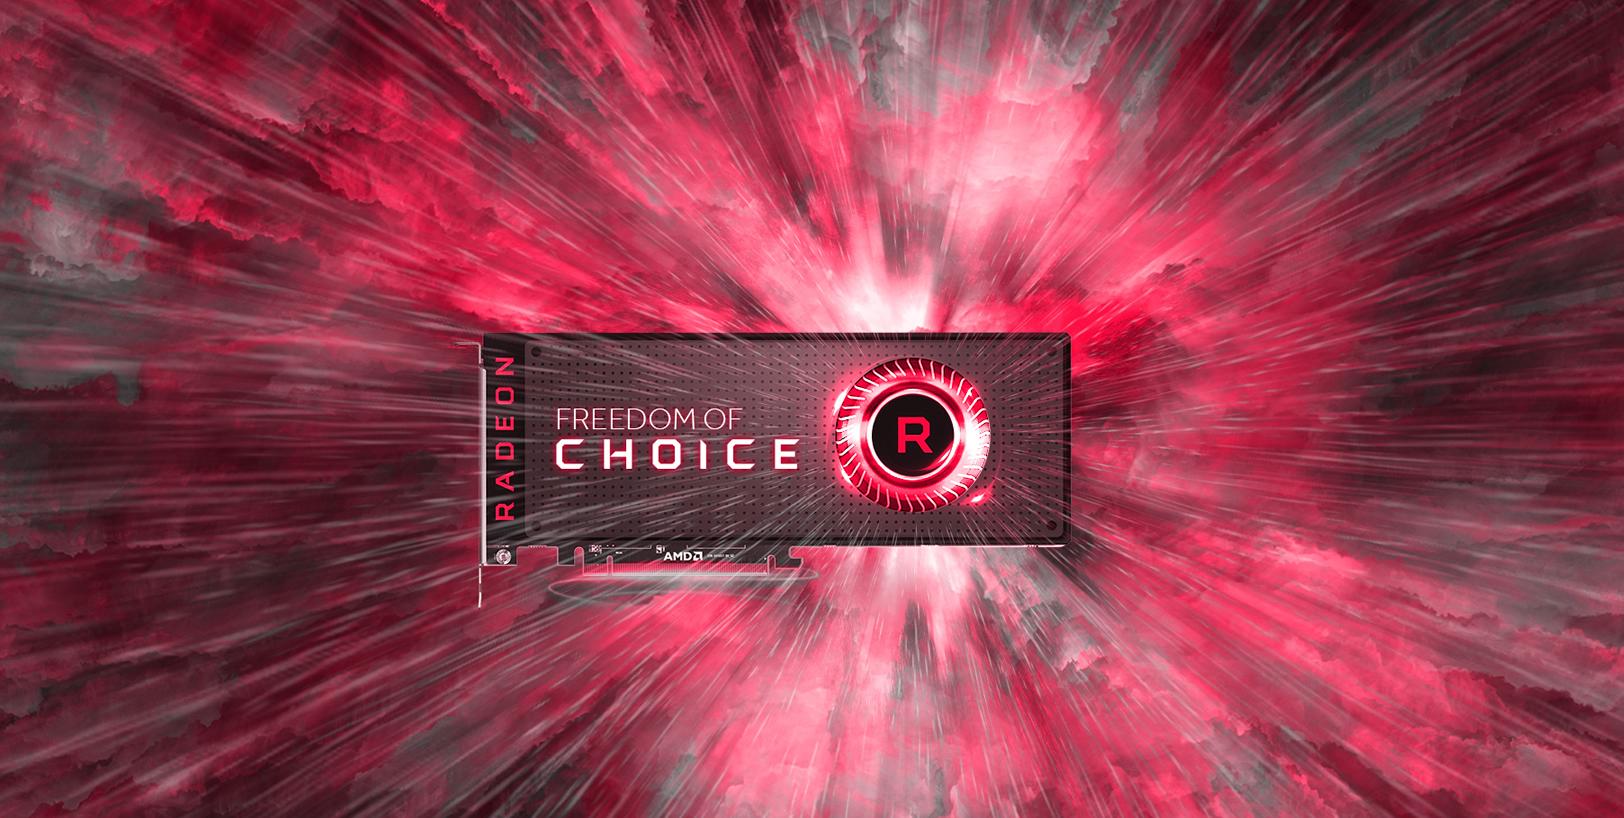 Первый тест AMD Radeon RX 5500, на данный момент более быстрый, чем Nvidia GeForce GTX 1660 Ti